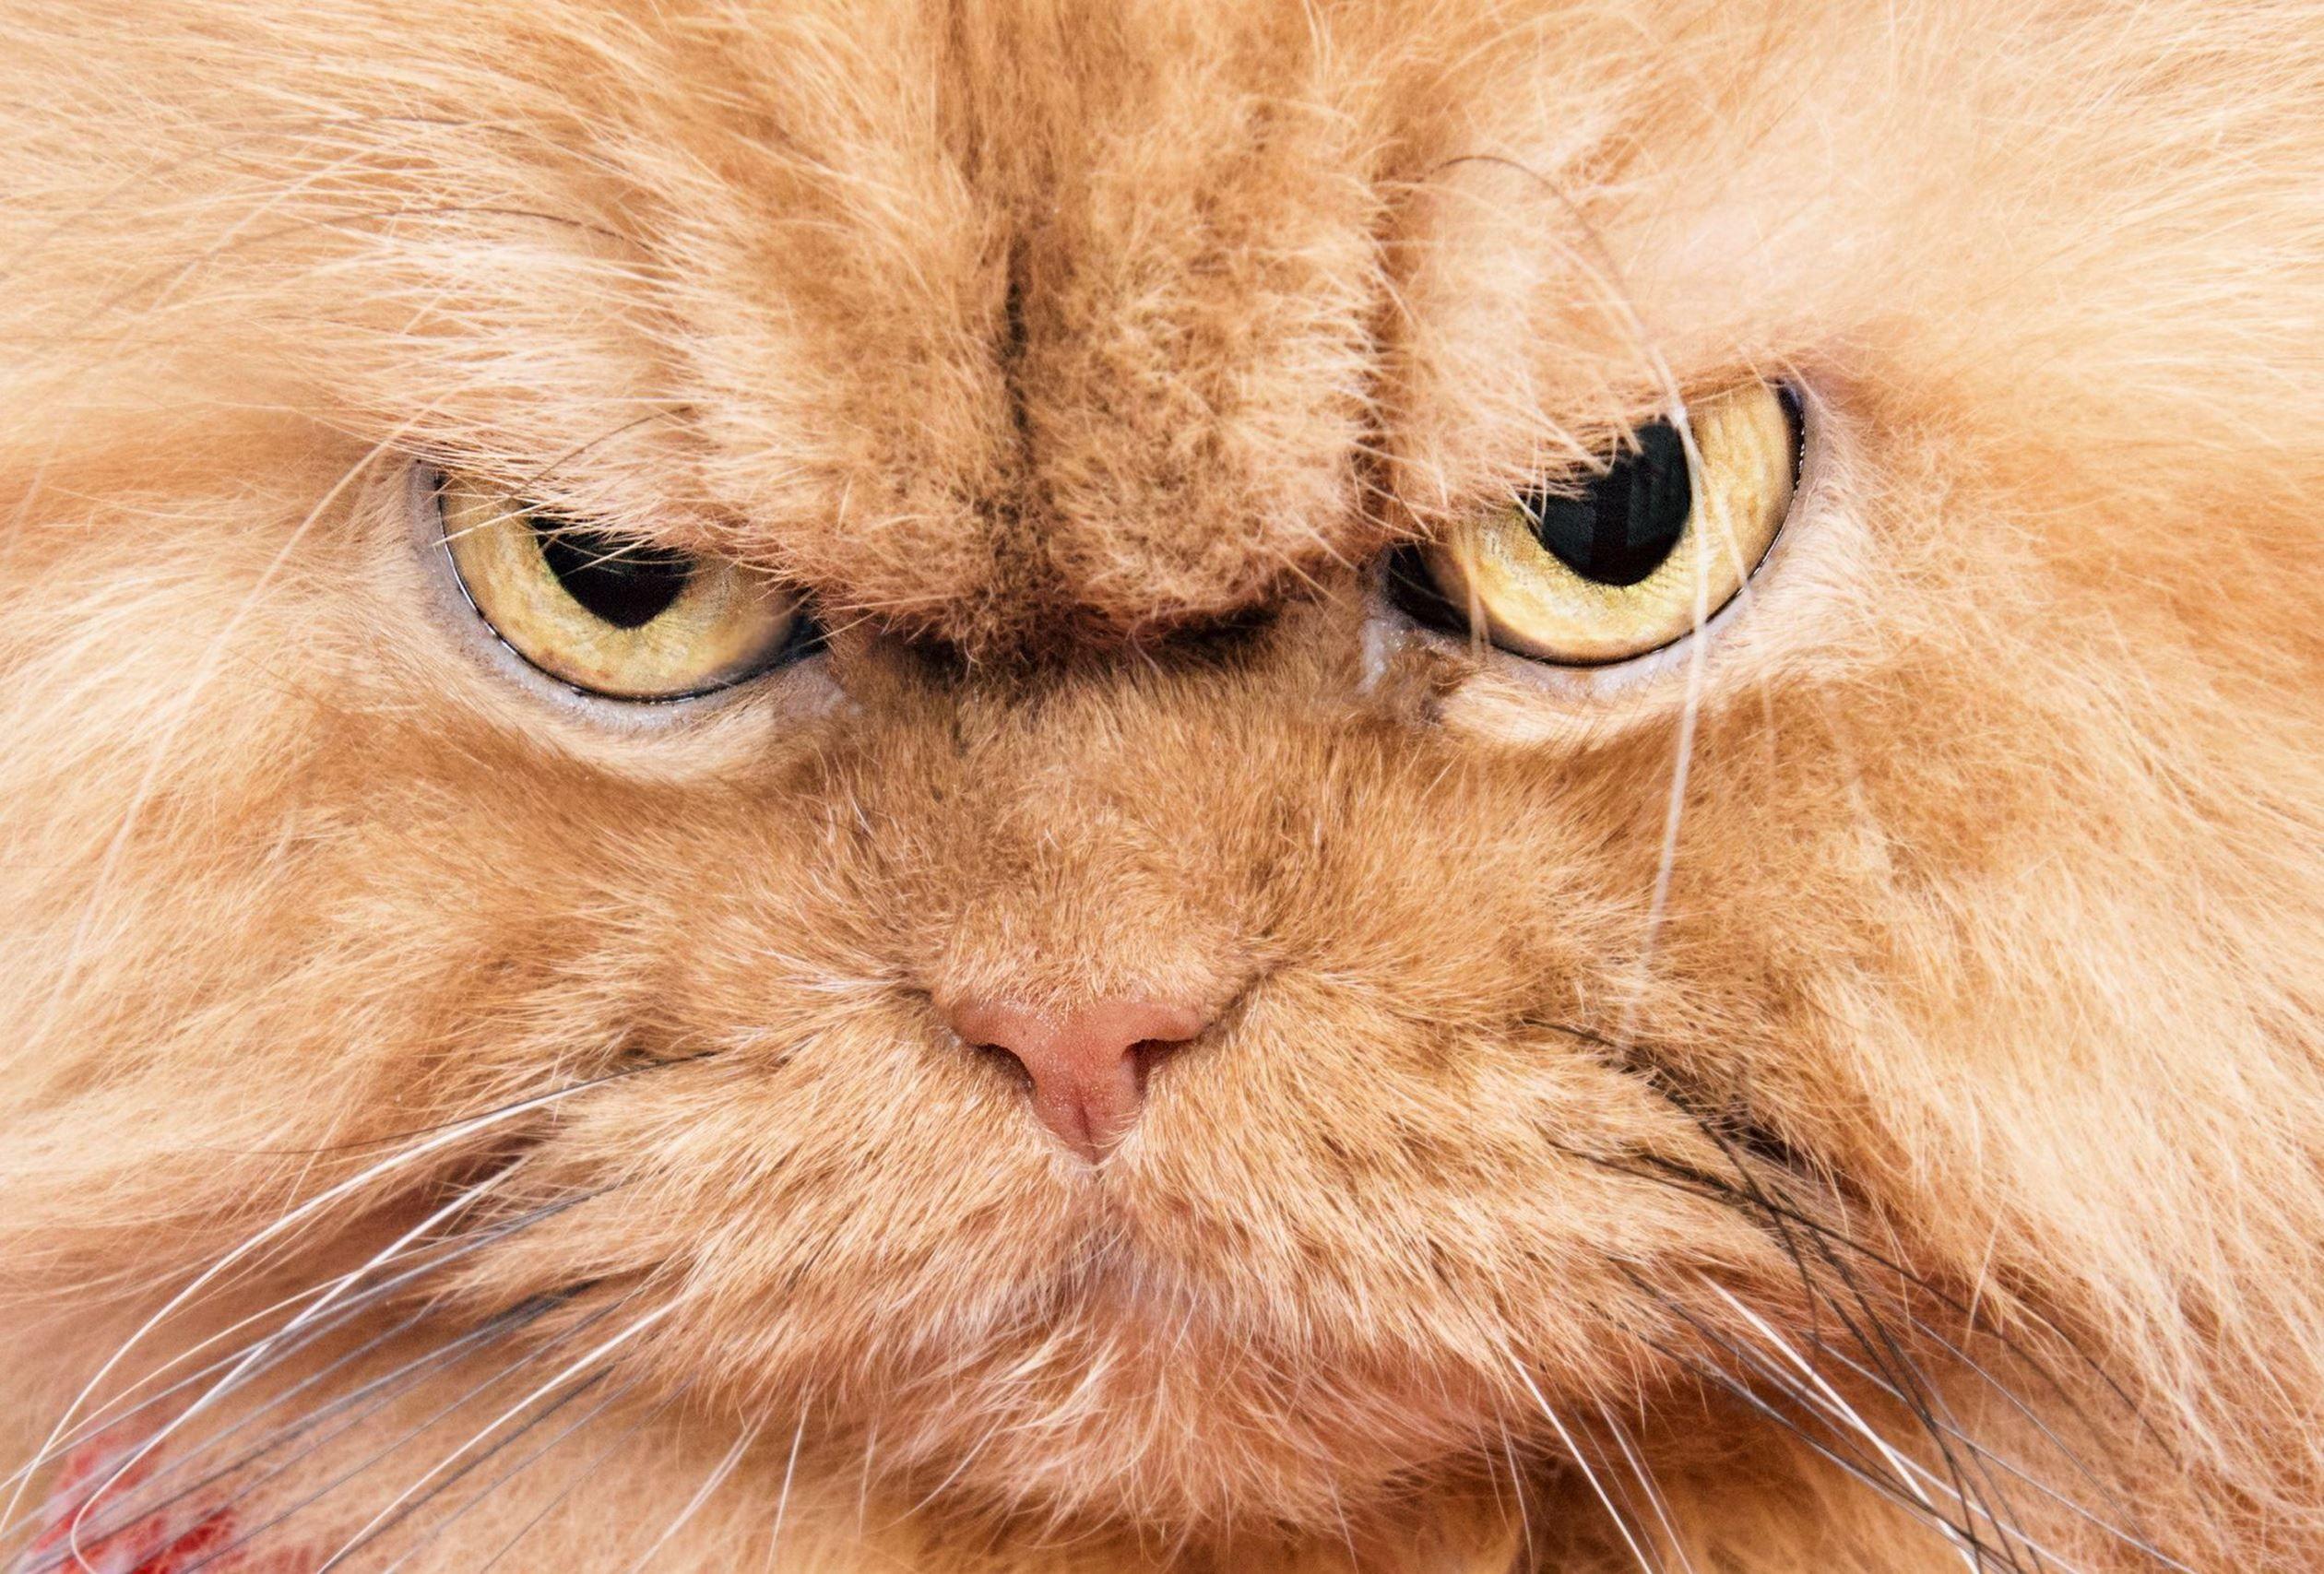 этот картинки когда ты очень злой как меня